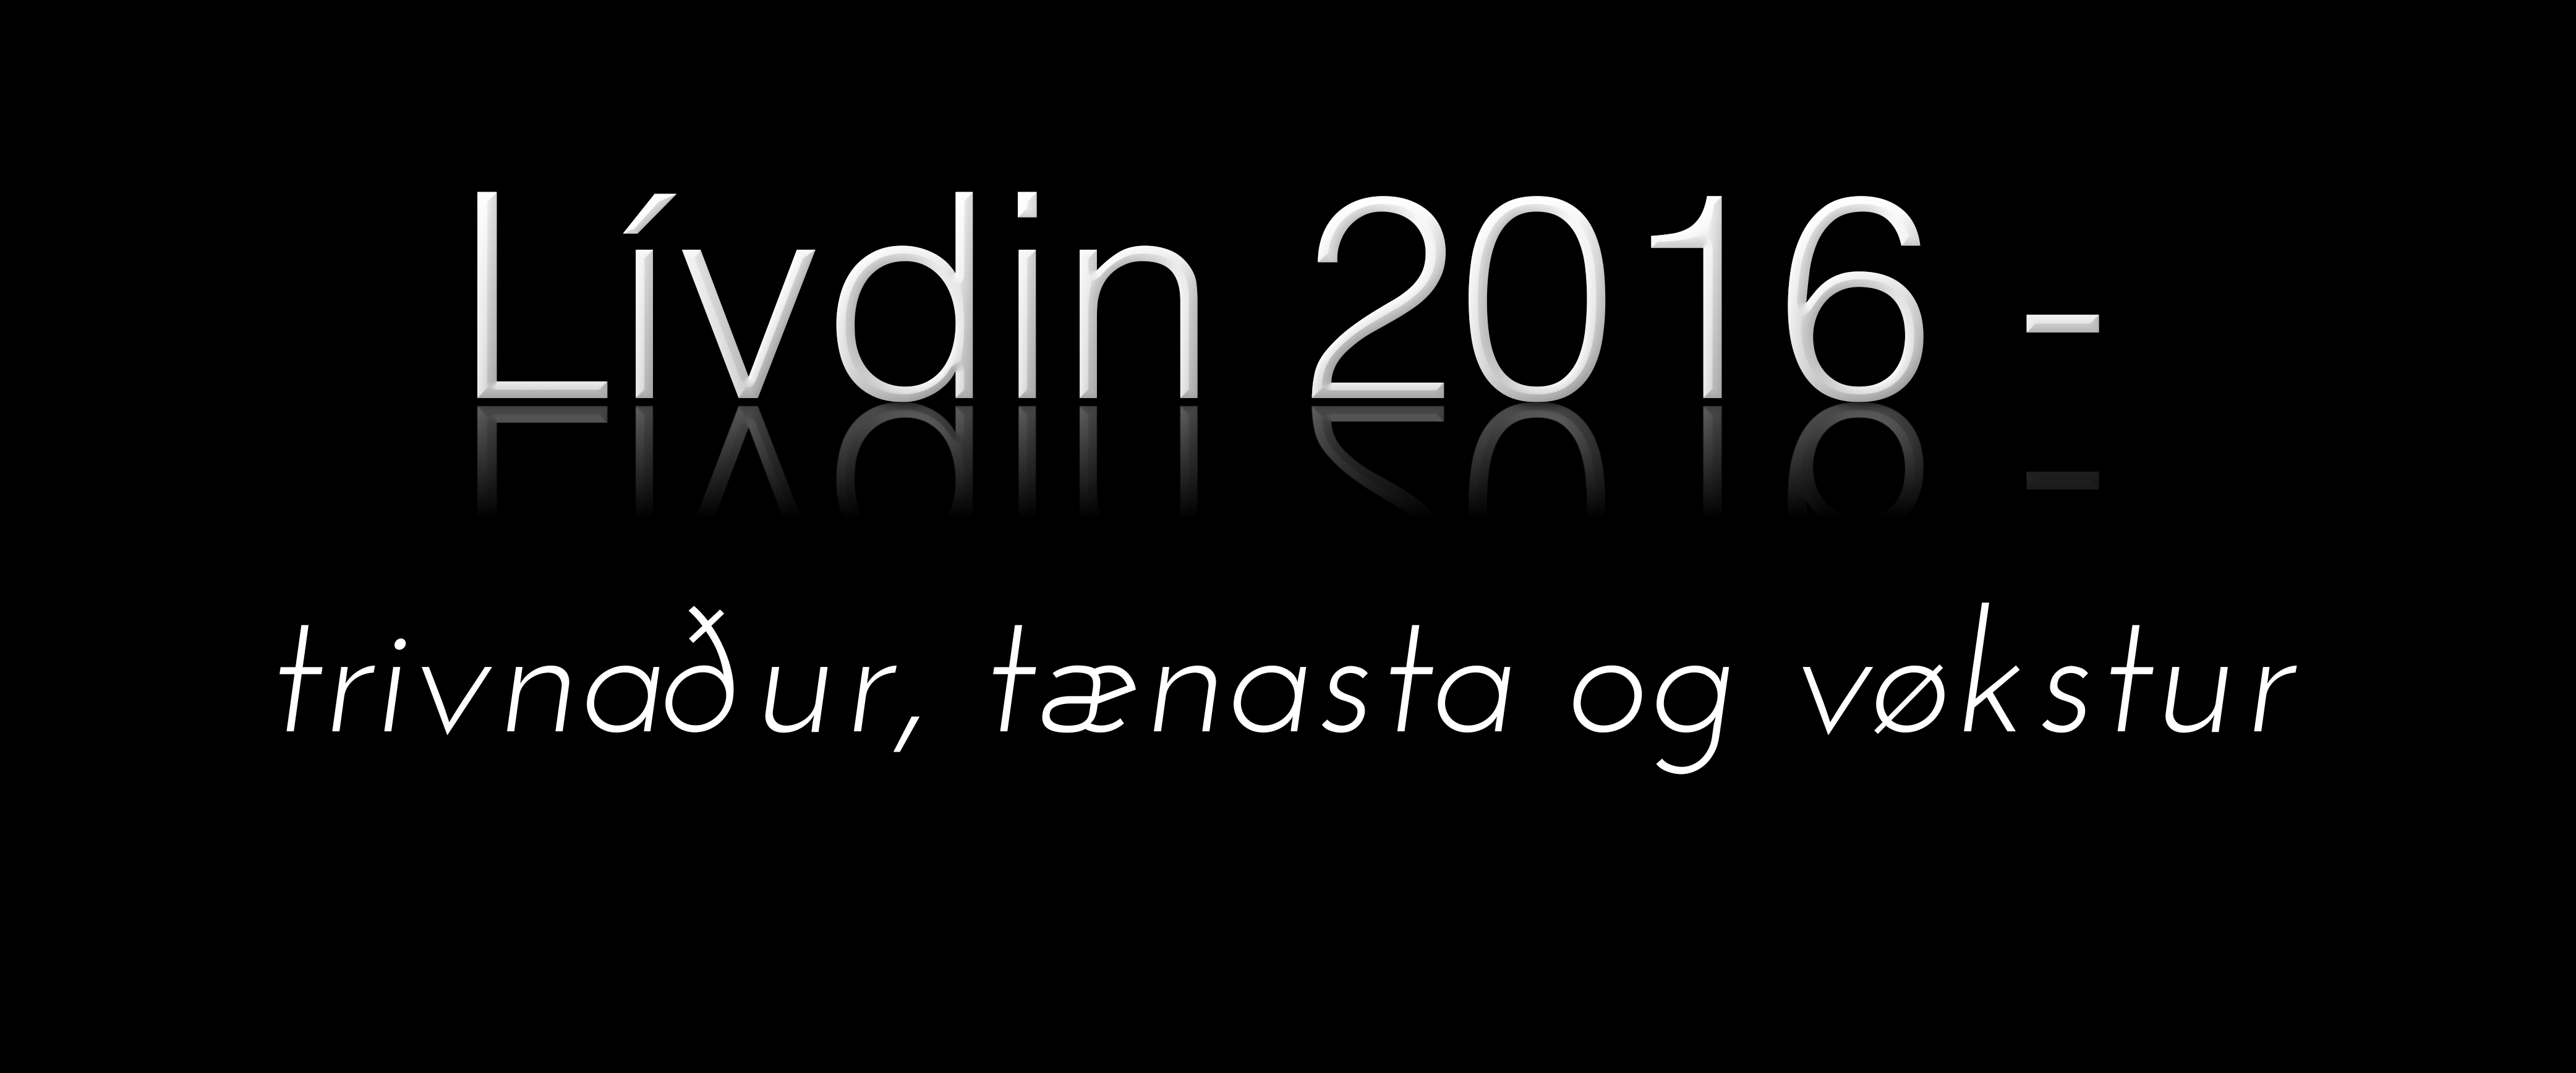 Lívdin_2016